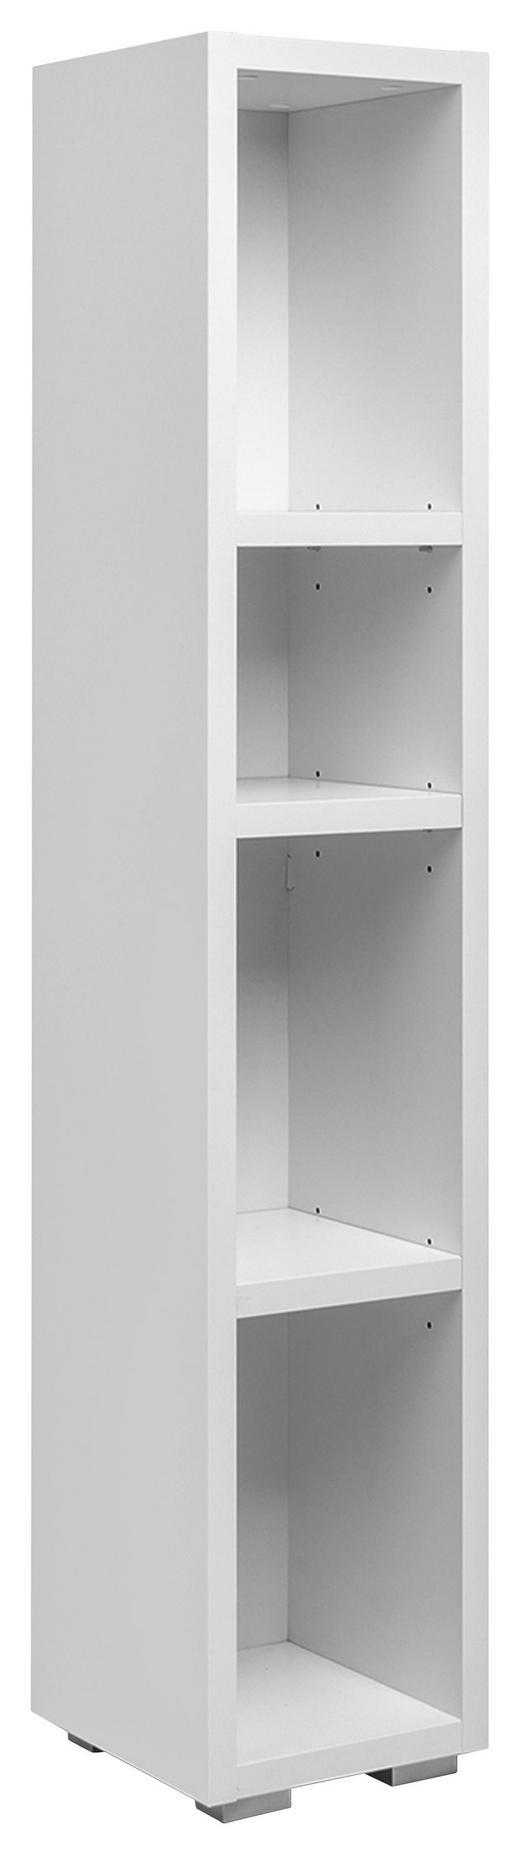 REGALELEMENT Weiß - Silberfarben/Weiß, KONVENTIONELL (25/131/27cm) - Carryhome